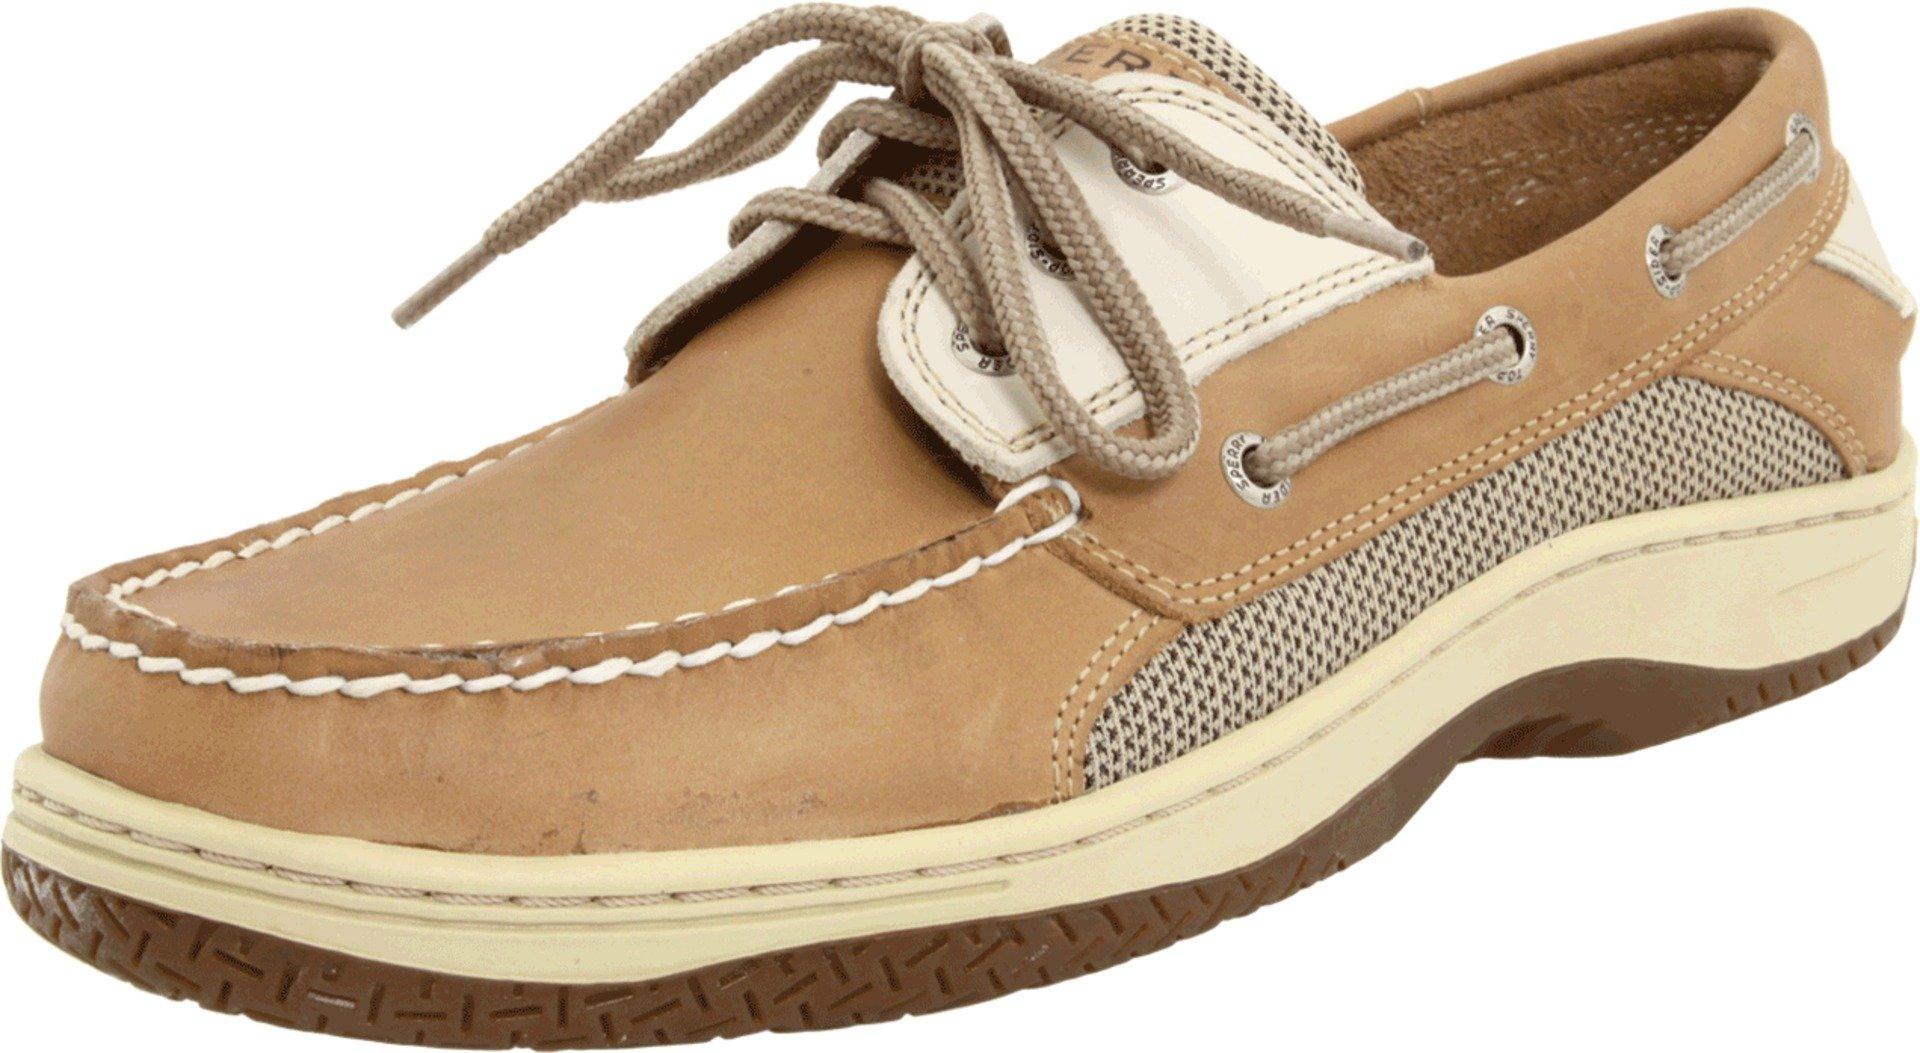 Sperry Mens Billfish 3-Eye Boat Shoe, Tan/Beige, 13 by SPERRY